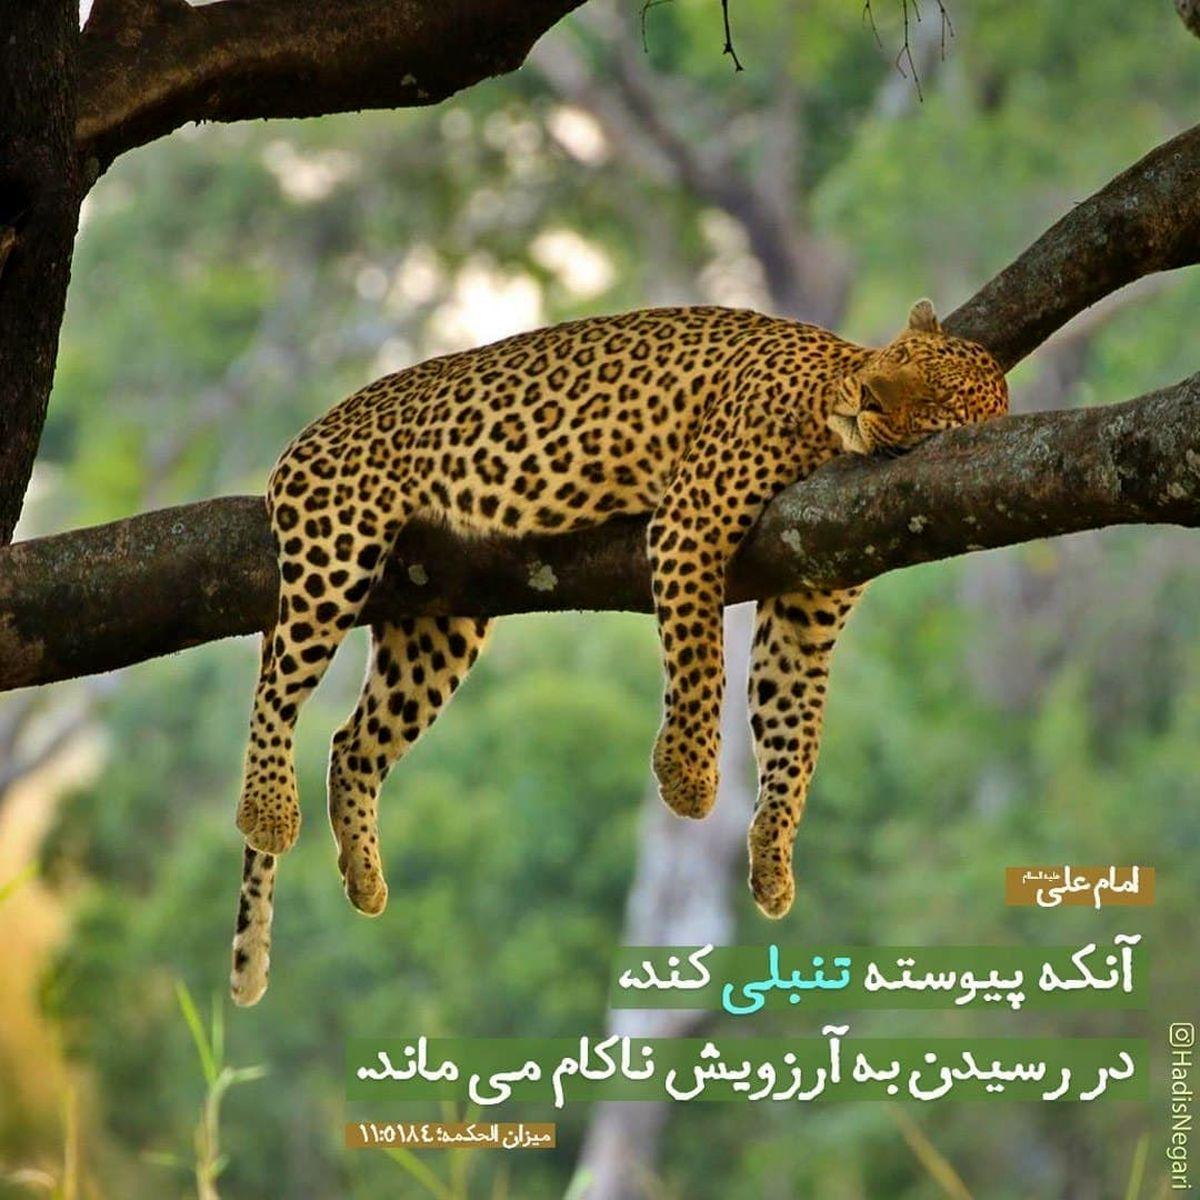 حدیث نورانی و زیبای حضرت علی (ع) در مورد تنبلی+عکس